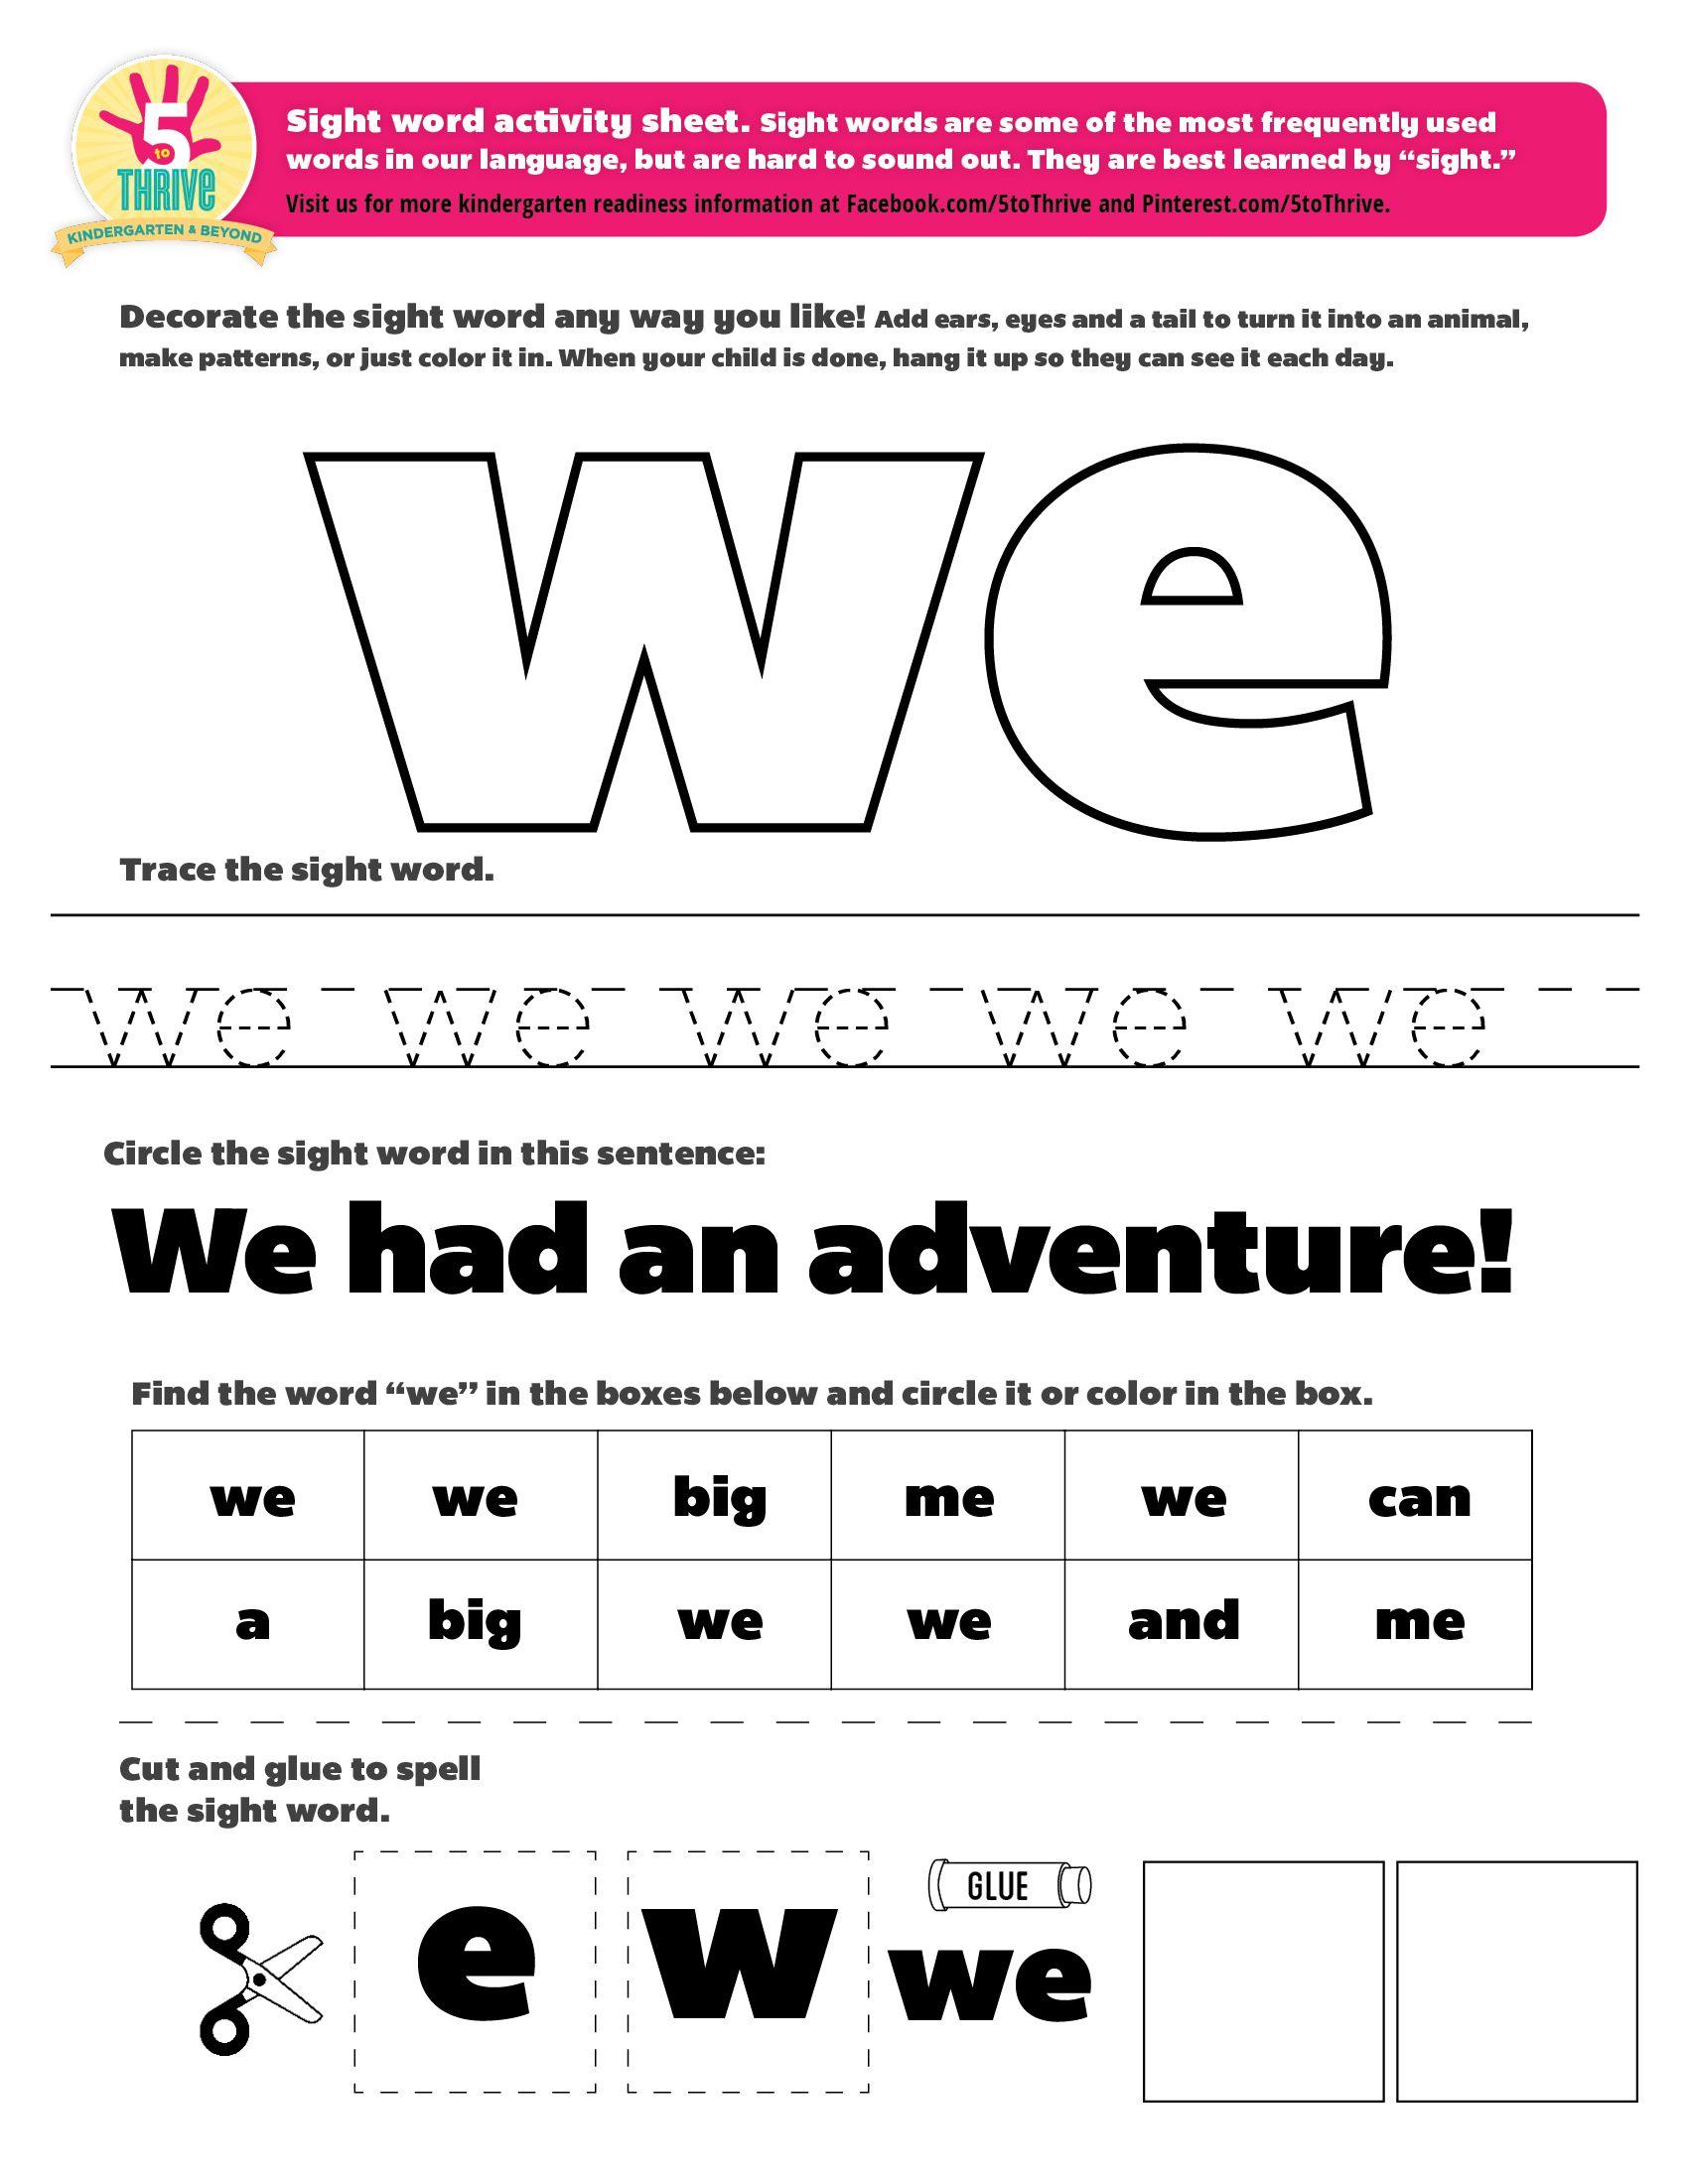 We Sight Word Worksheet 386758